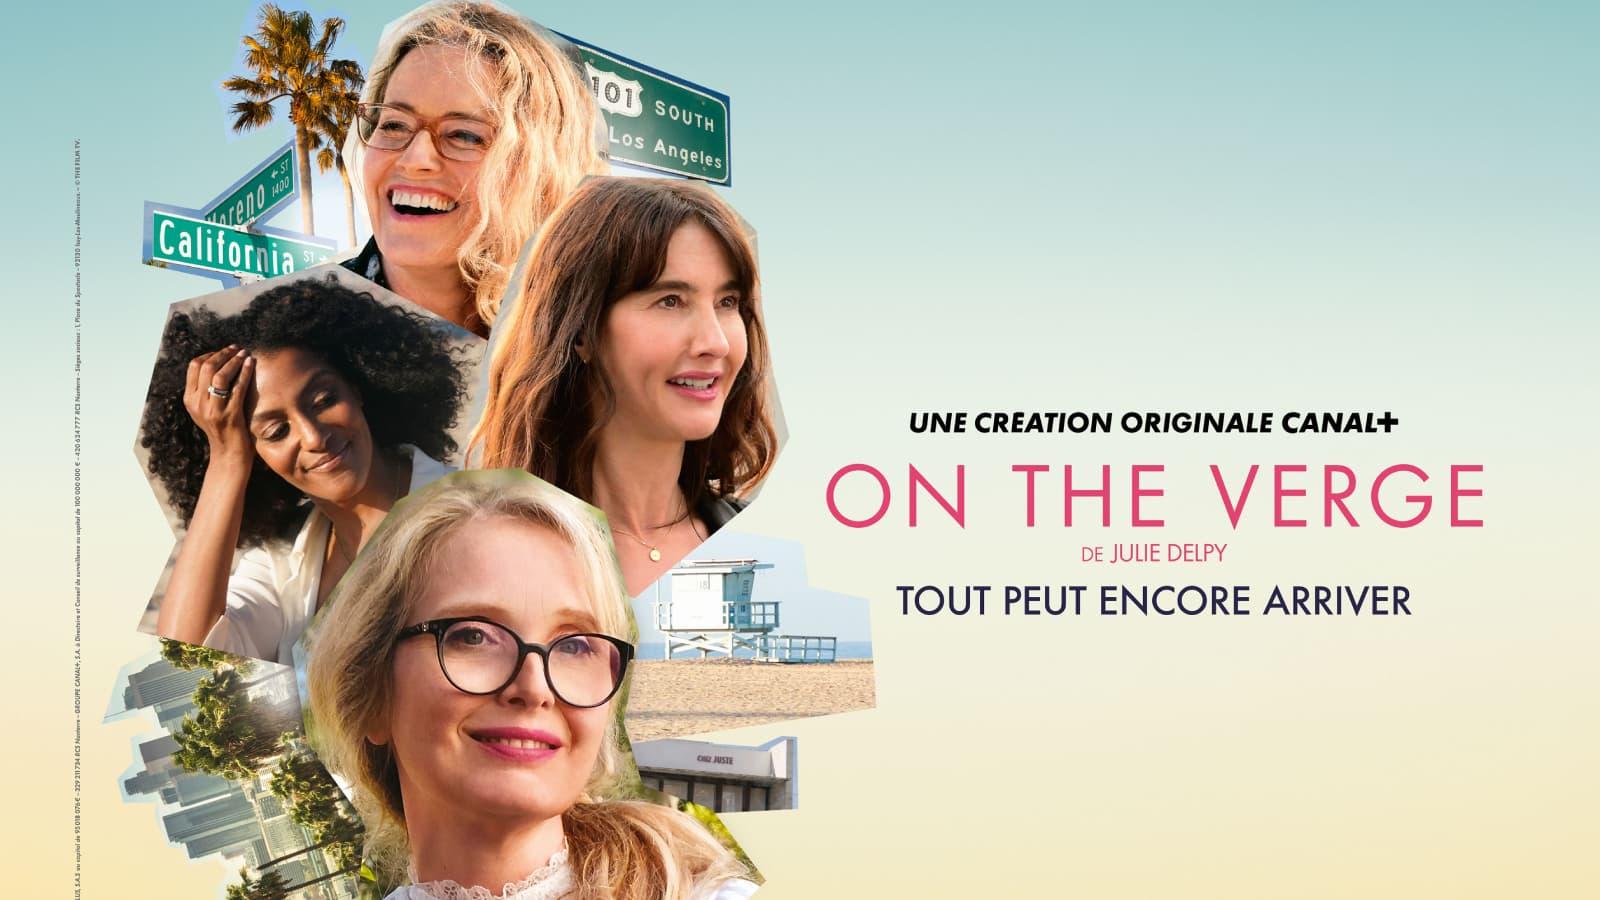 Succombez pour la nouvelle Création Originale Canal+